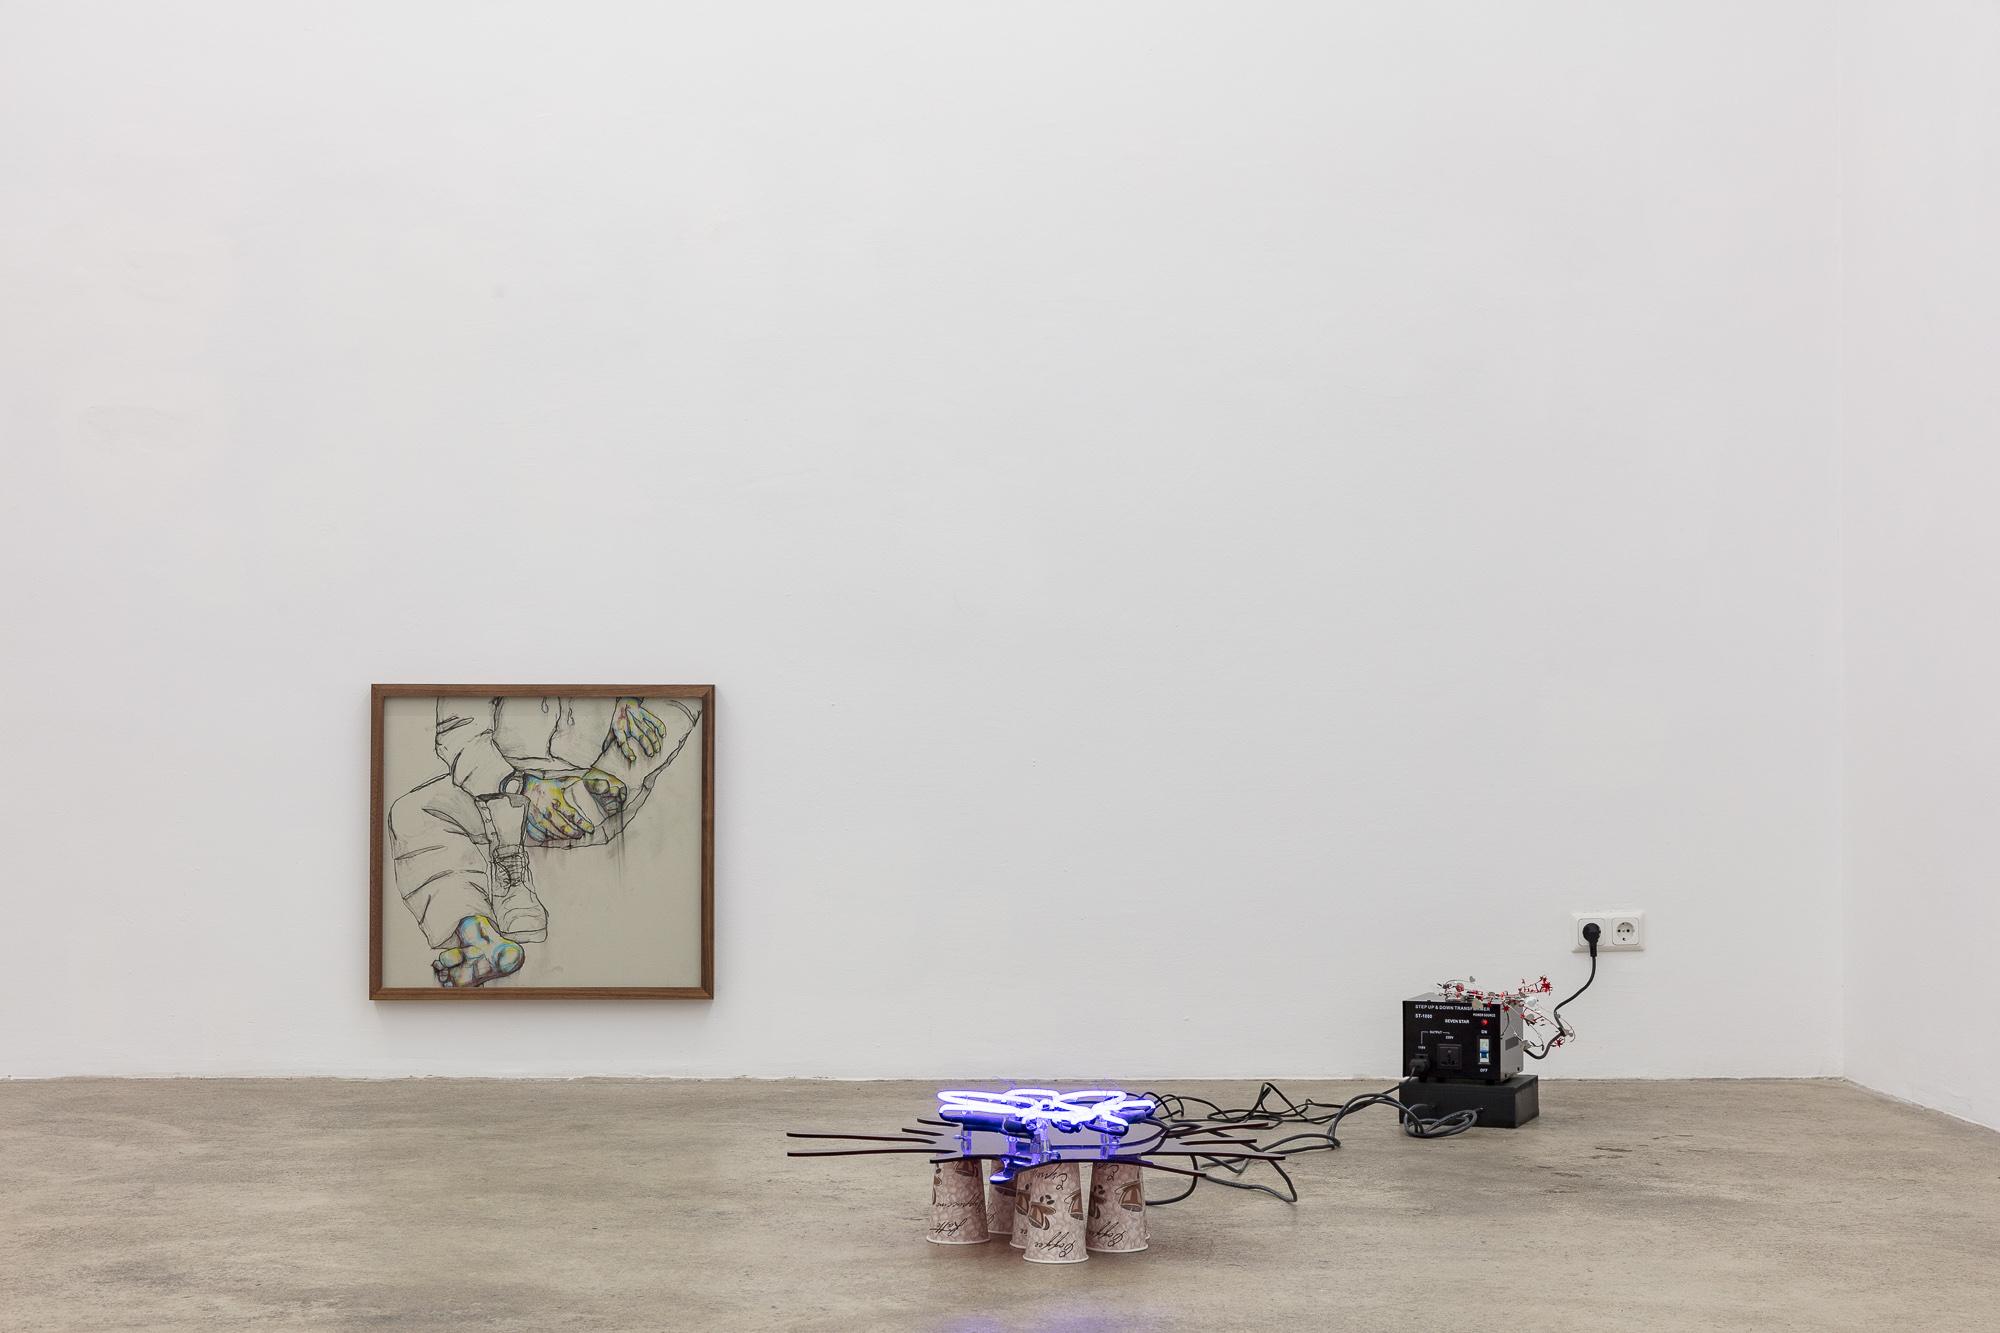 2018_11_13_Kyle Thurman_Sophie Tappeiner_by_kunst-dokumentationcom_033_web.jpg